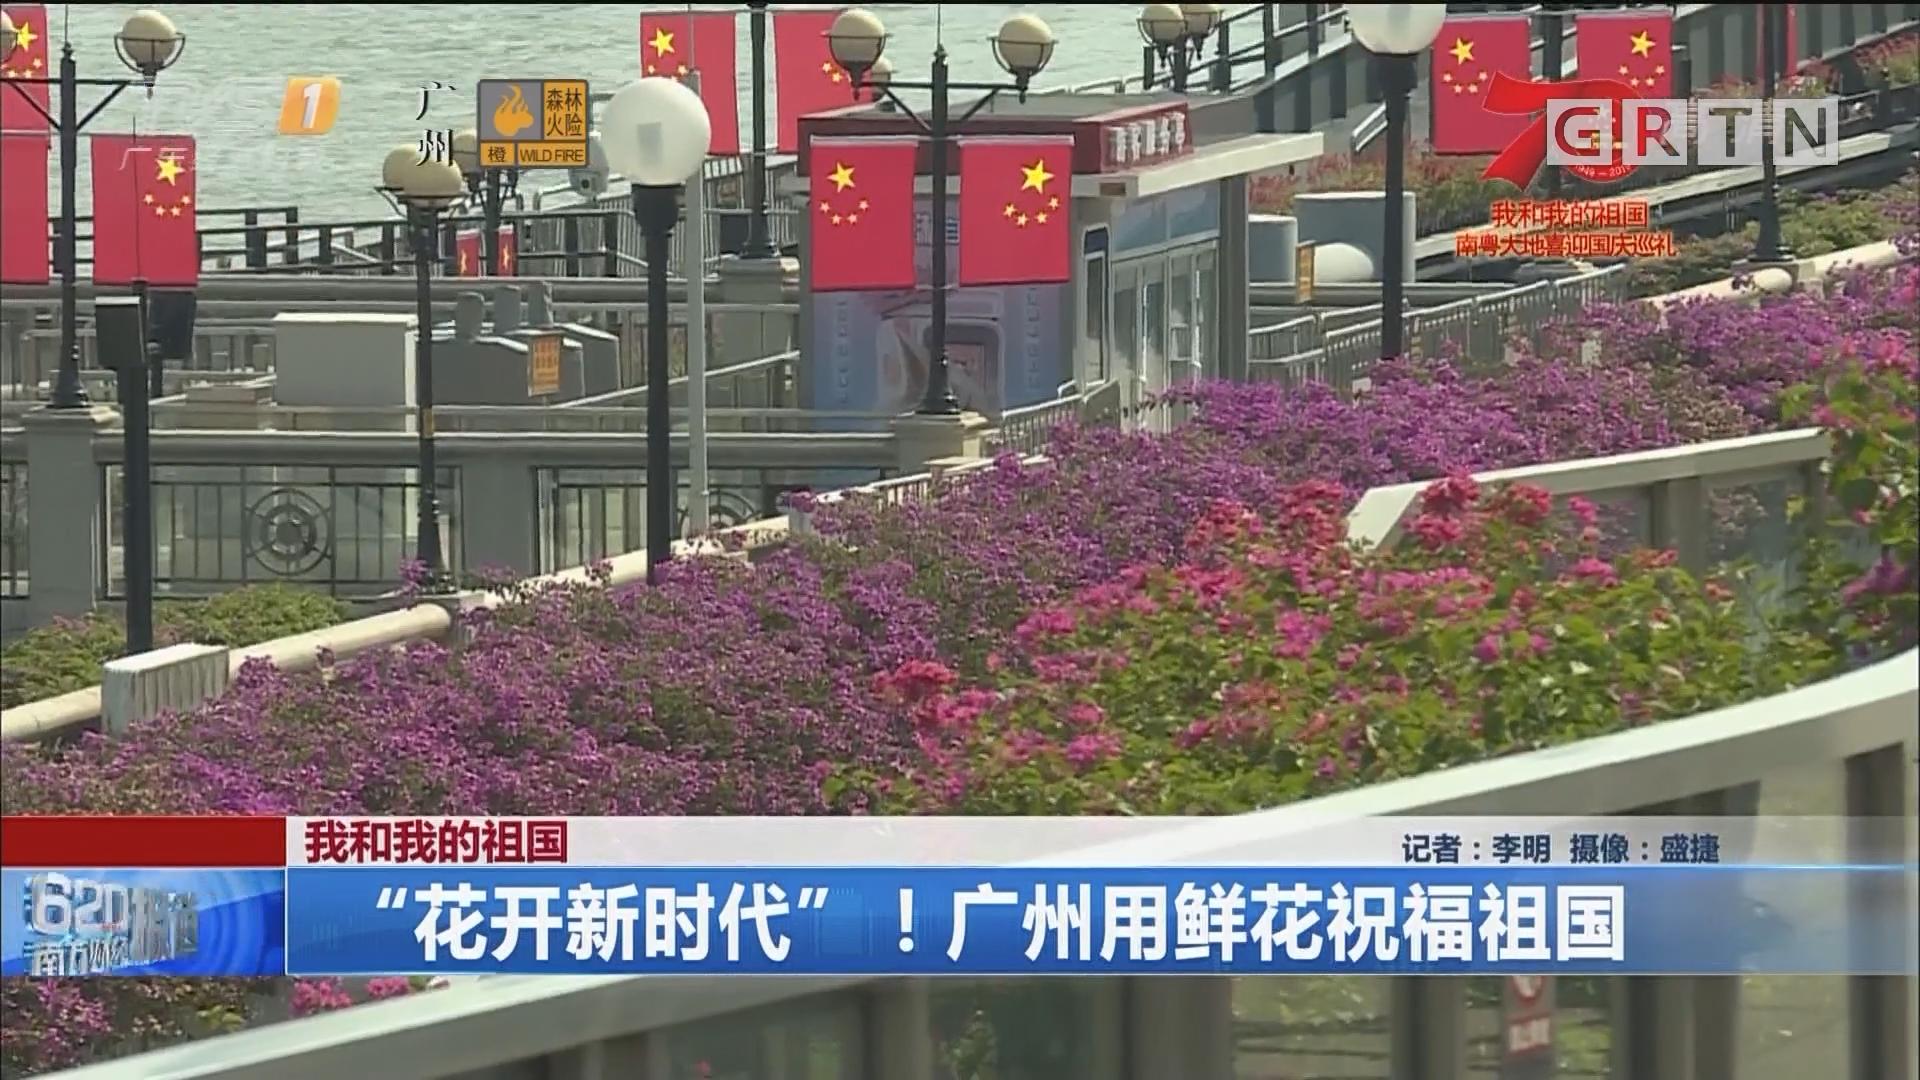 """我和我的祖國:""""花開新時代""""! 廣州用鮮花祝福祖國"""